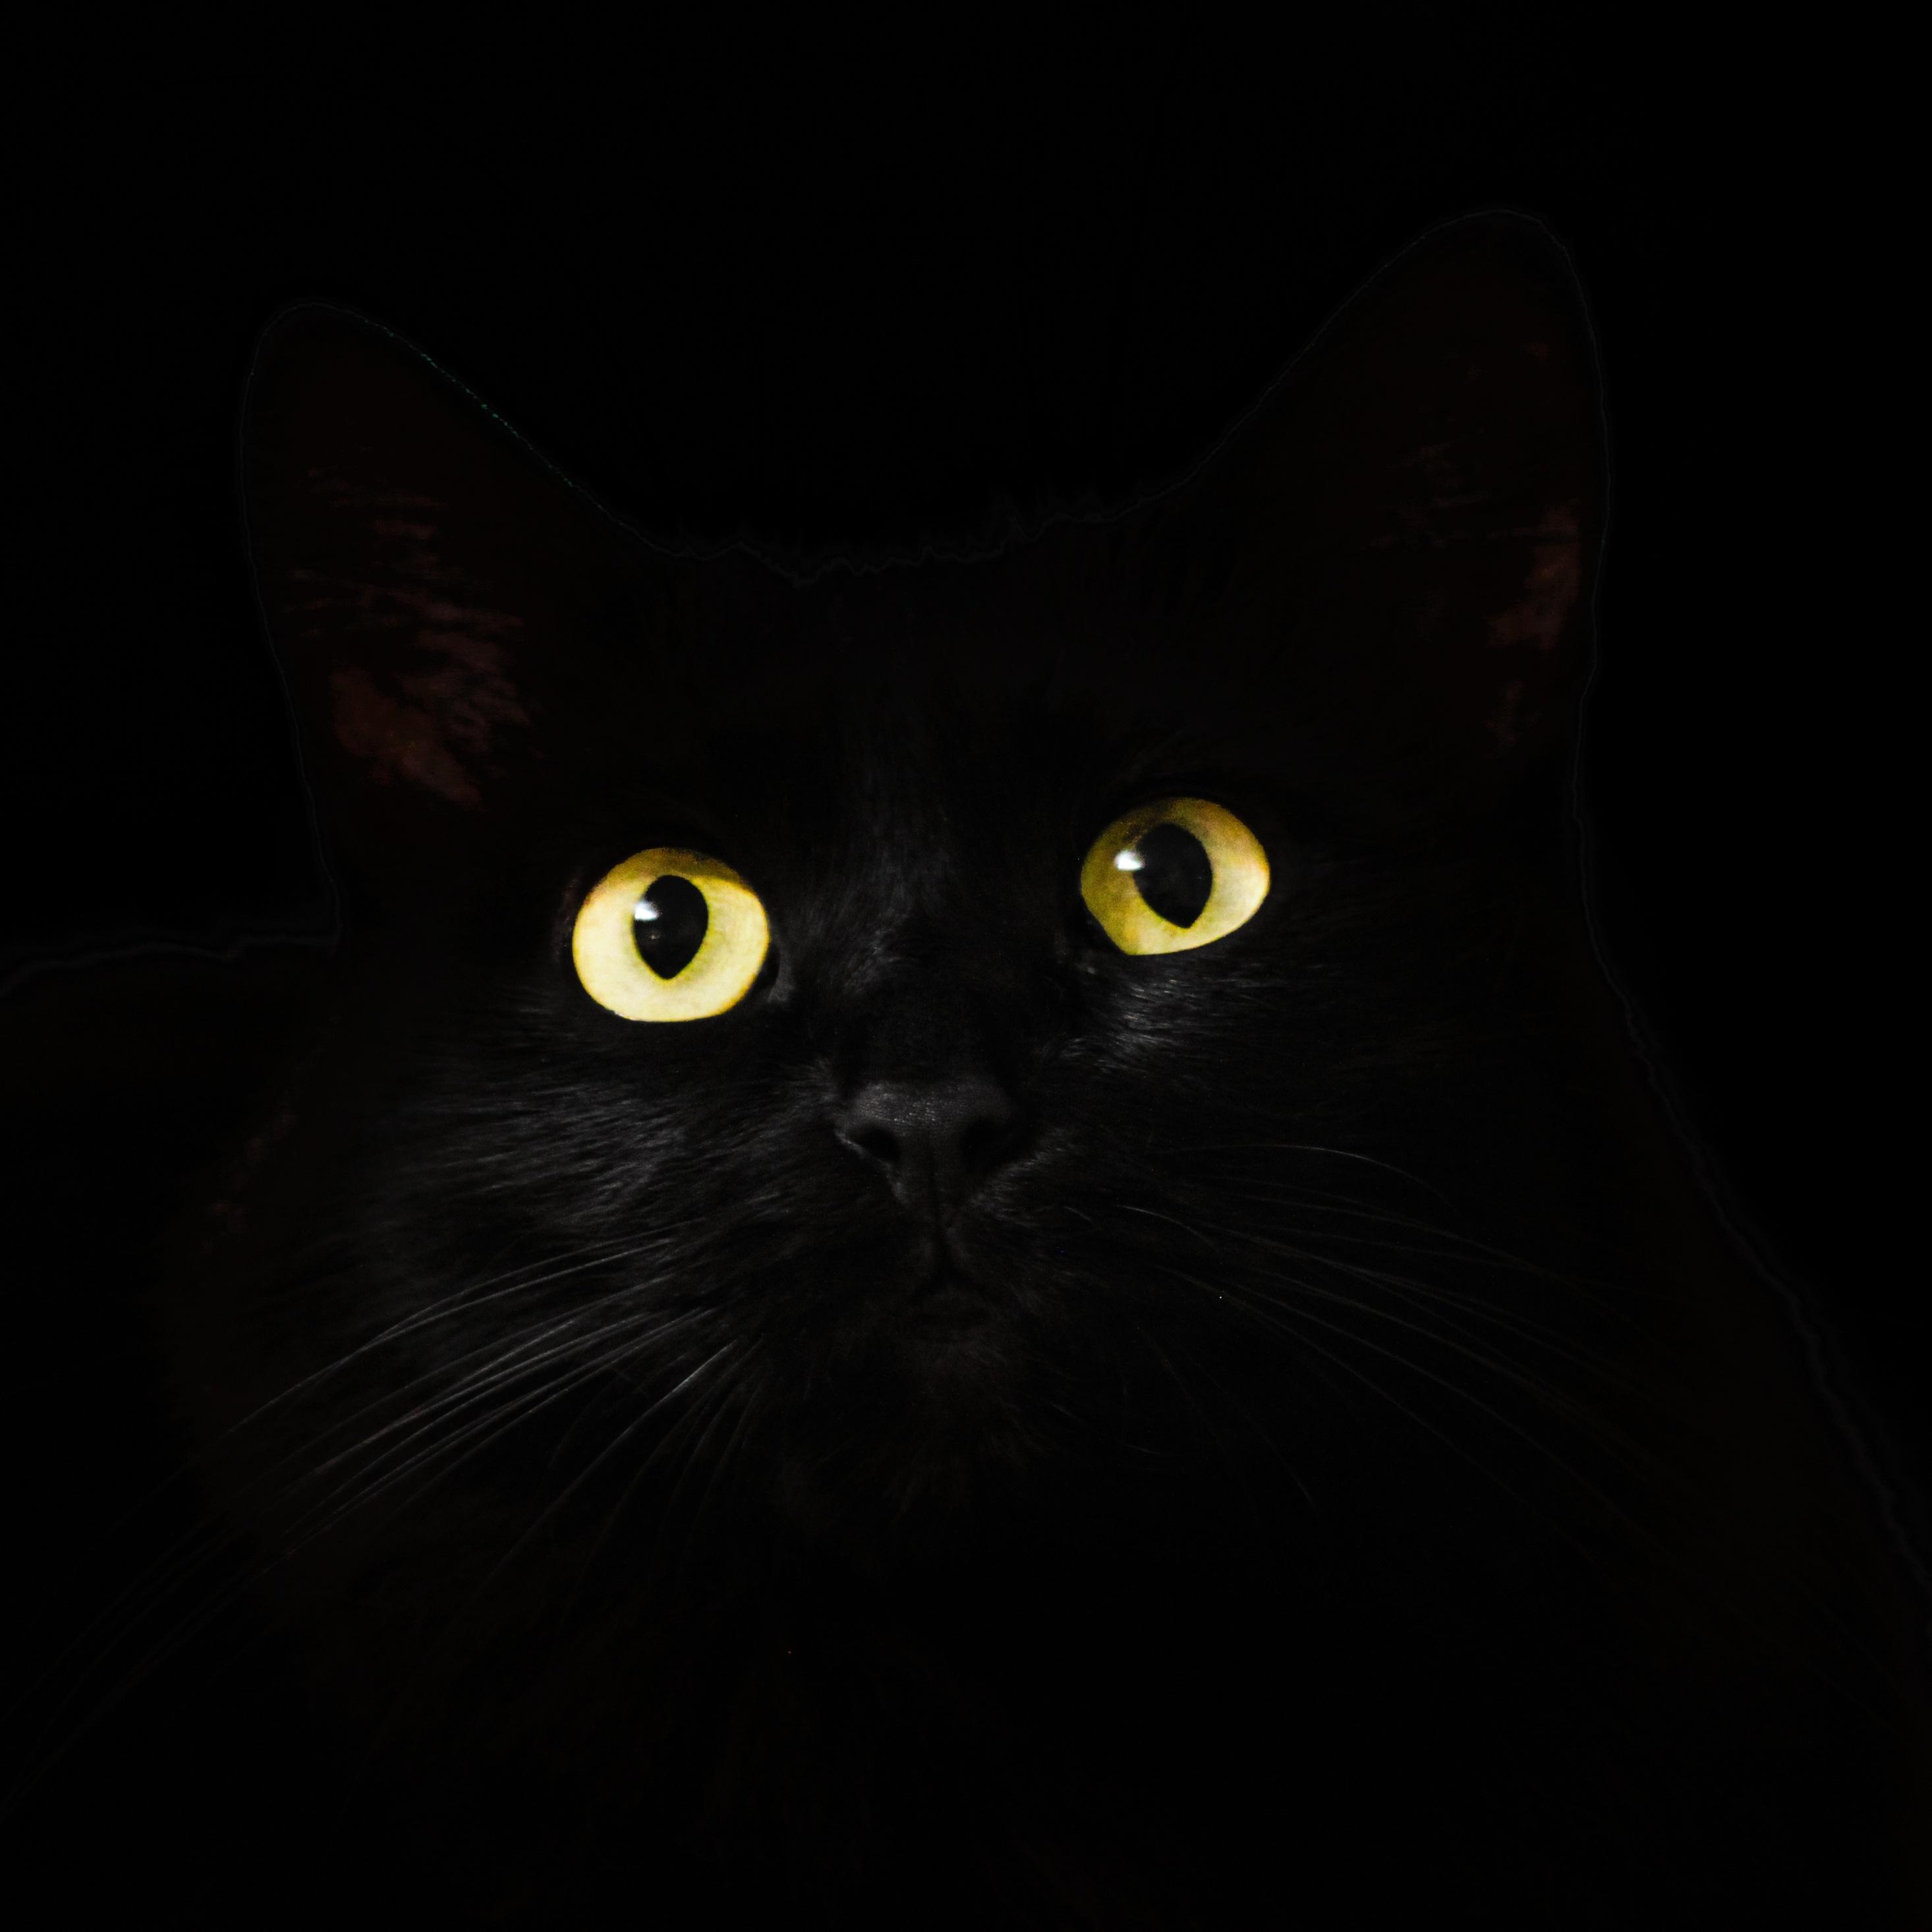 2932x2932 Black Cat Eyes Dark 5k Ipad Pro Retina Display Hd 4k